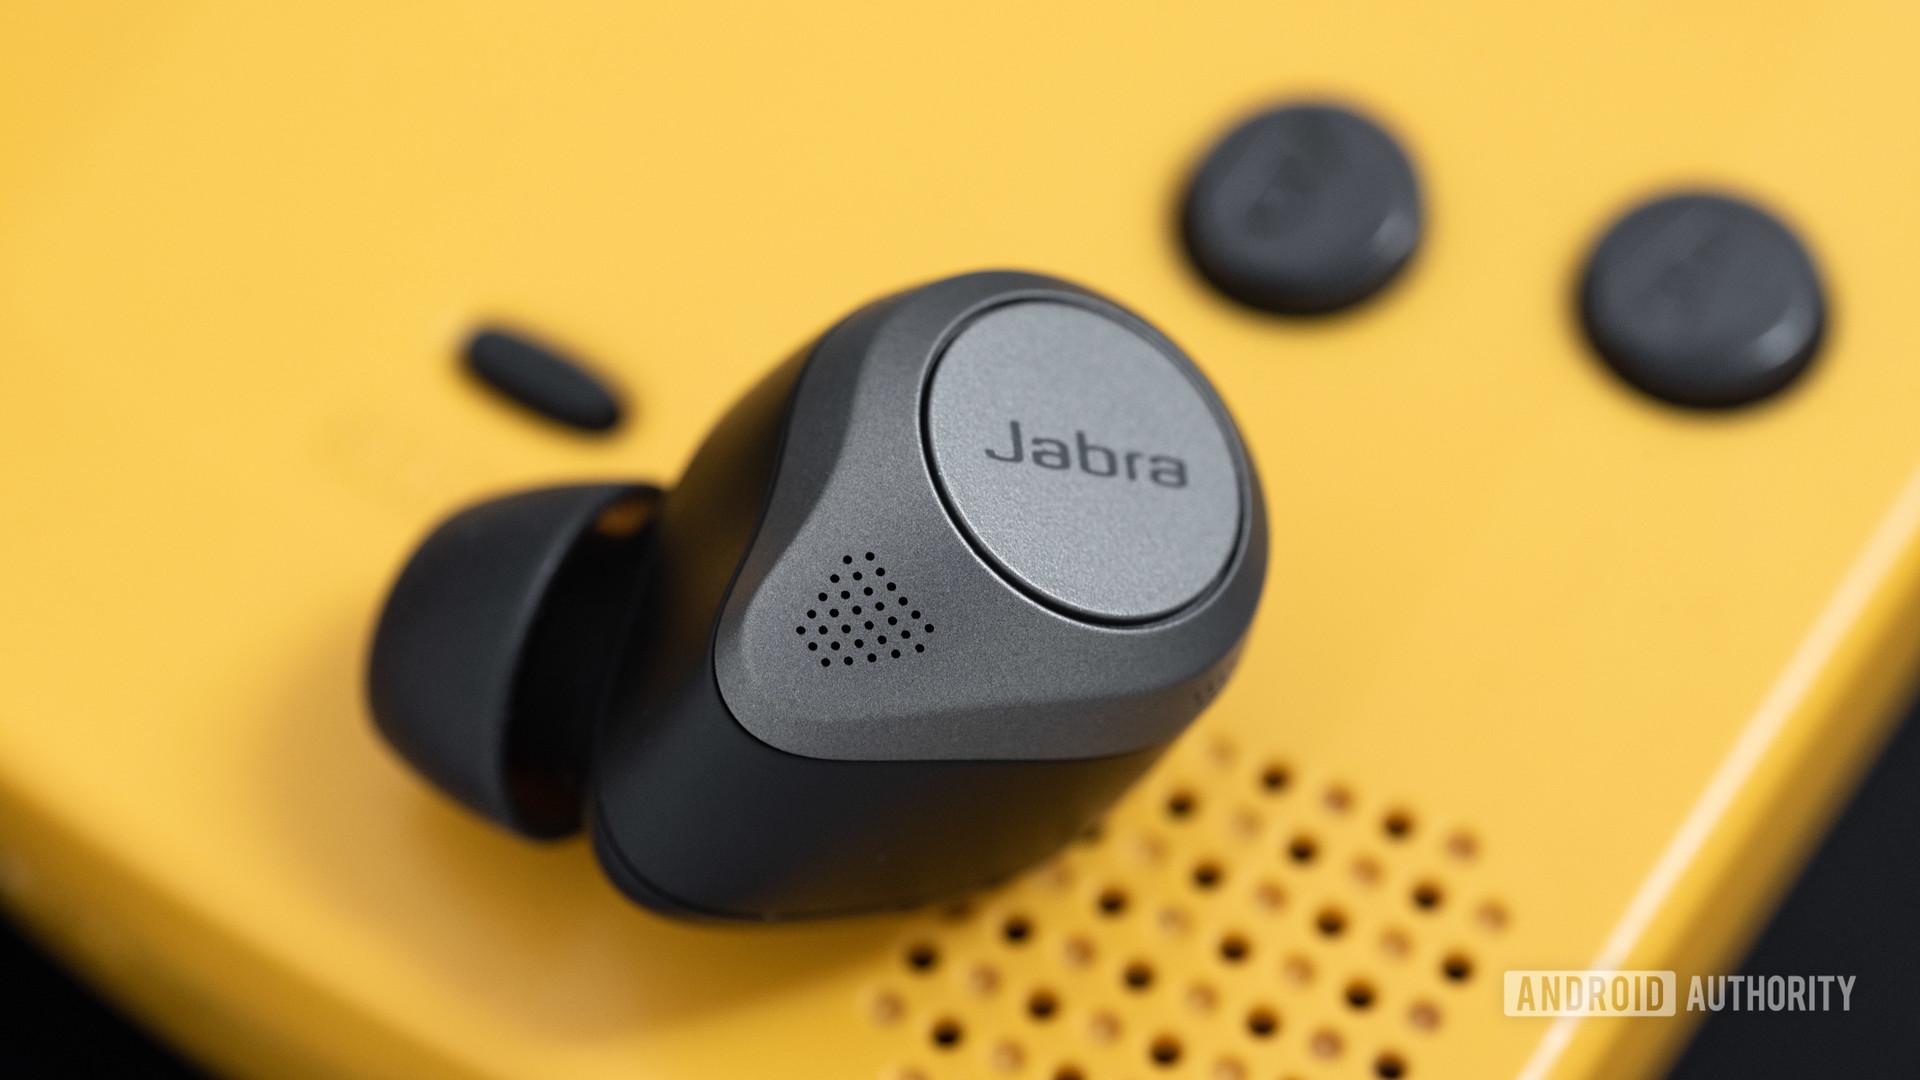 Các lỗ micrô tai nghe không dây thực sự khử tiếng ồn Jabra Elite 85t bên cạnh vỉ loa Gameboy Color.